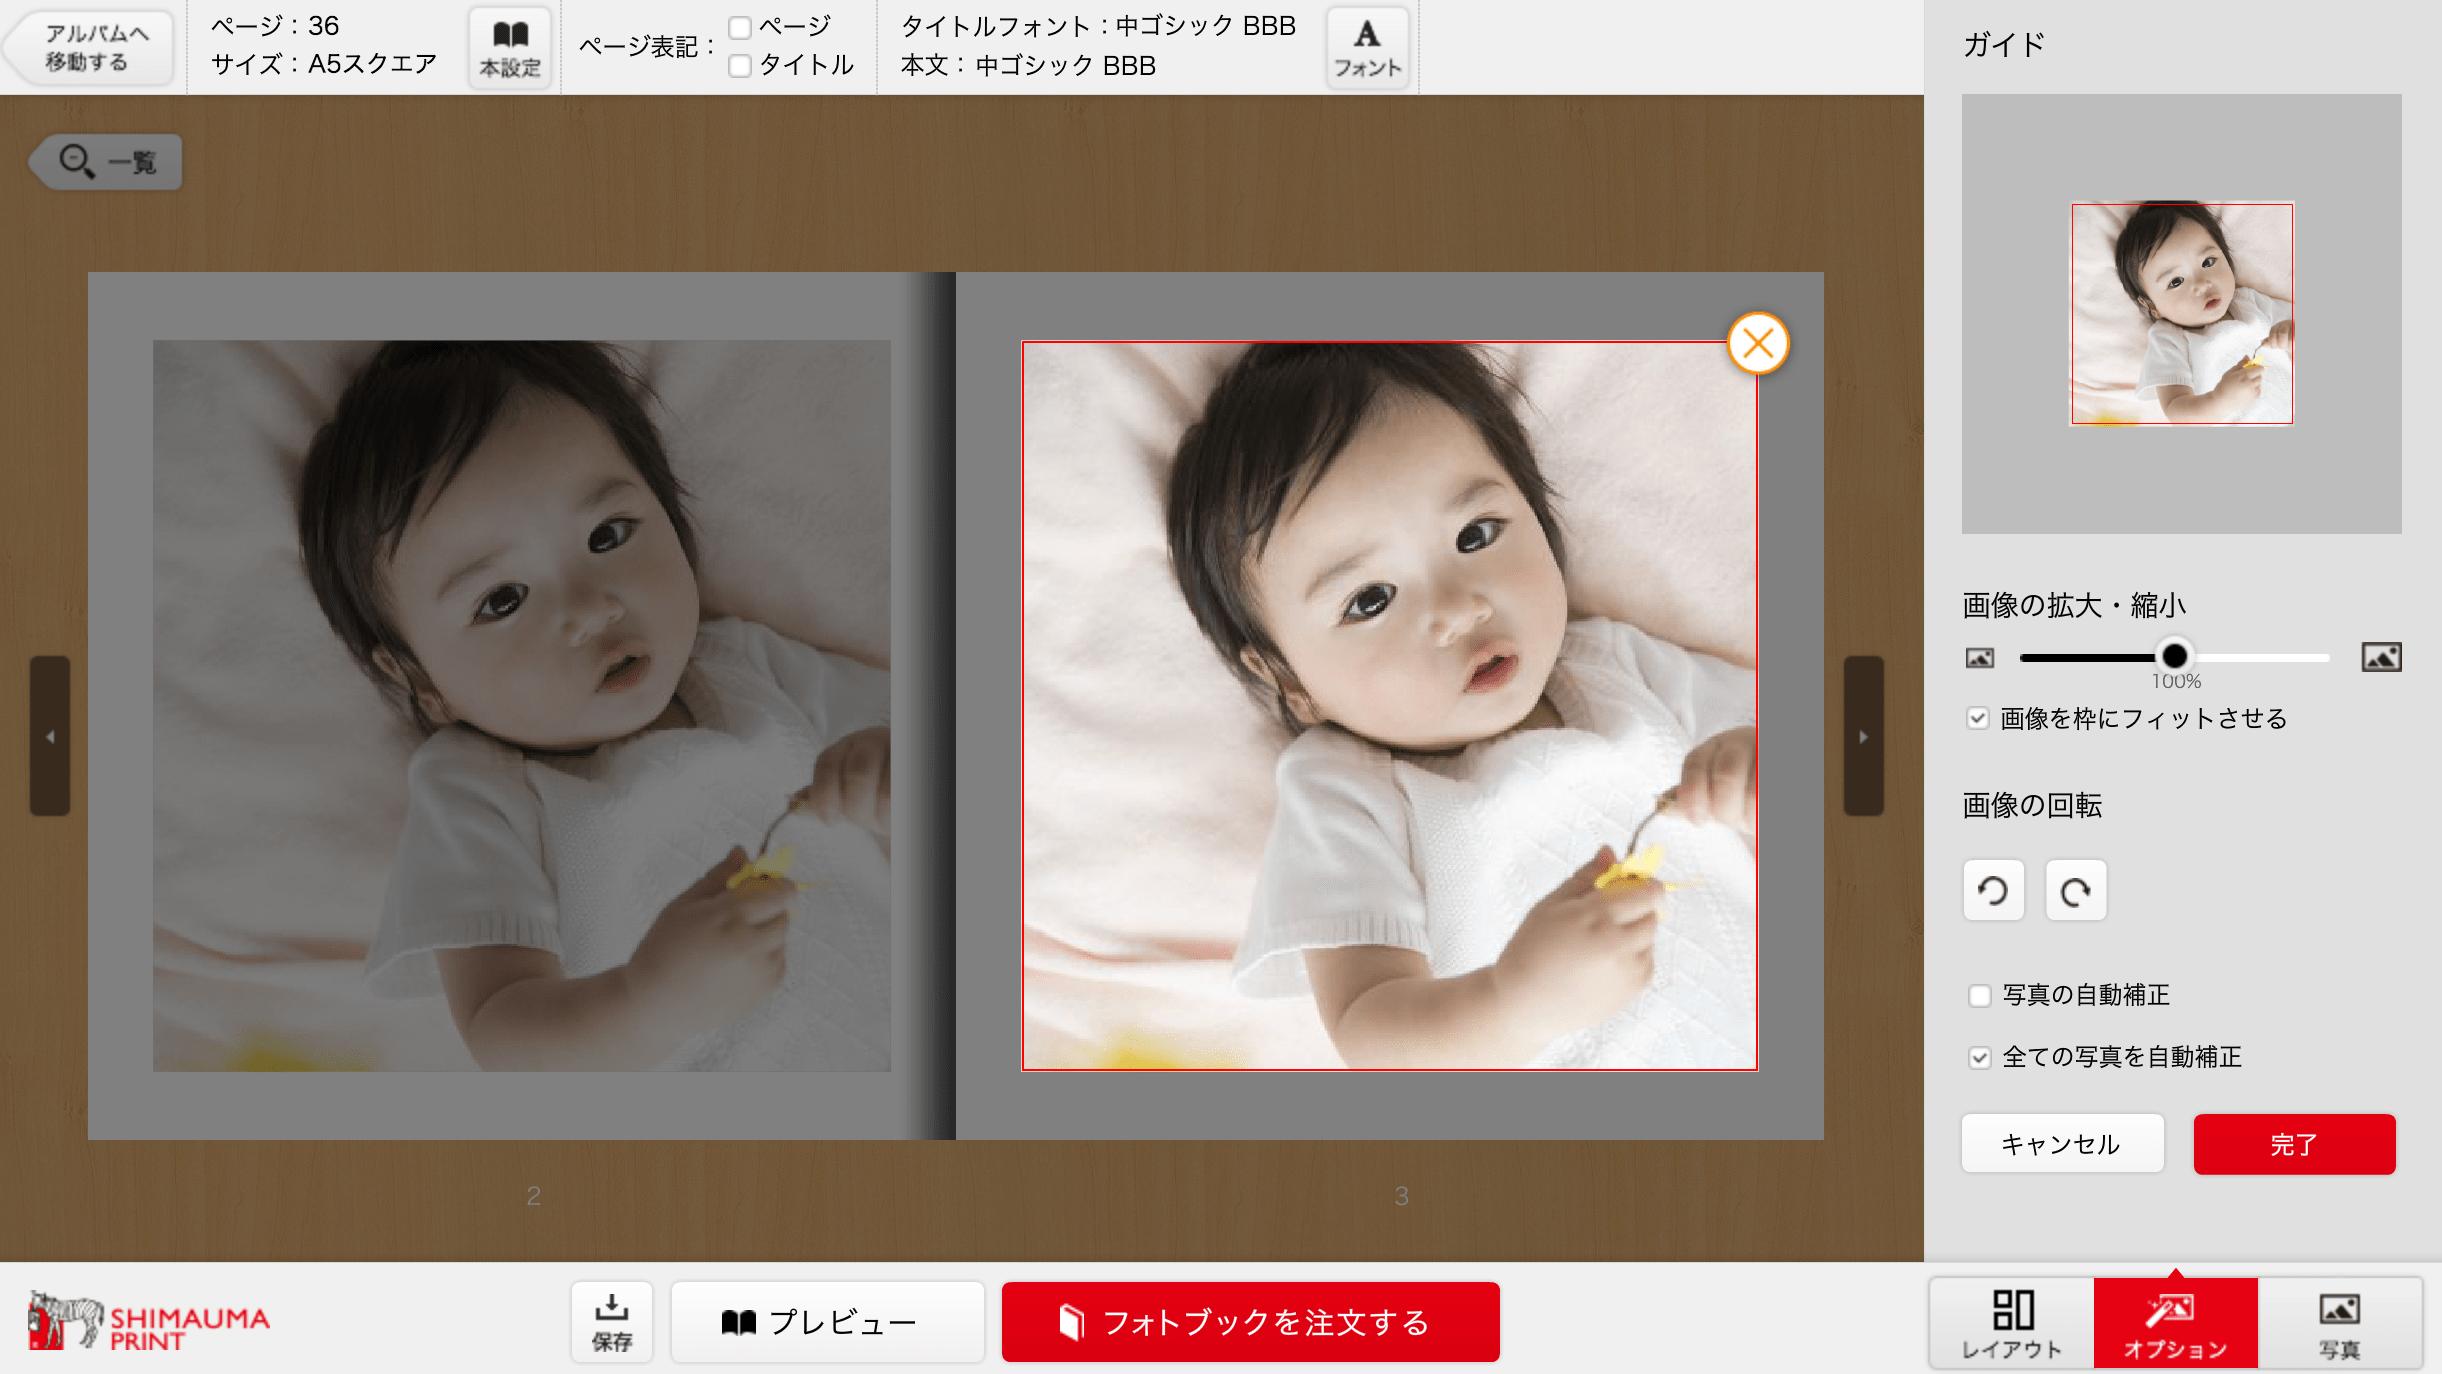 しまうまプリント 写真の自動補正